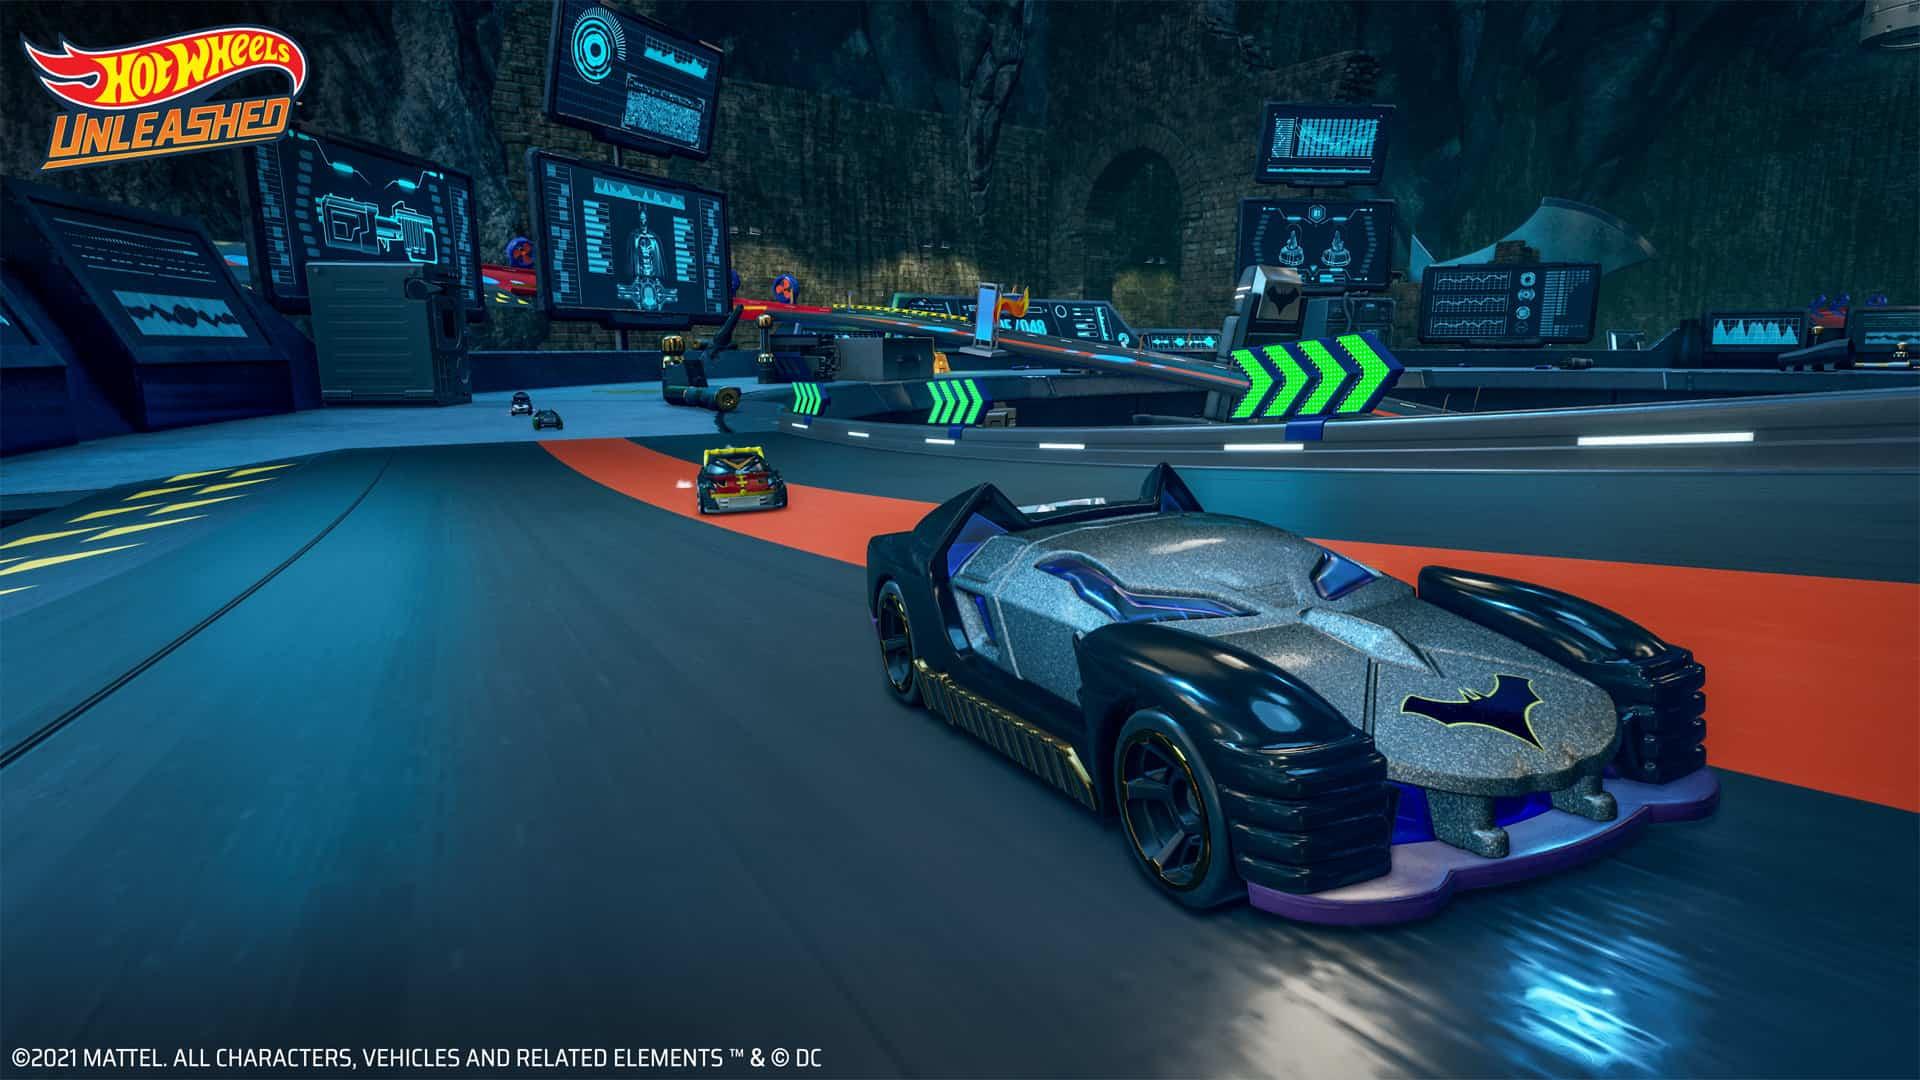 Hot Wheels Unleashed Batman